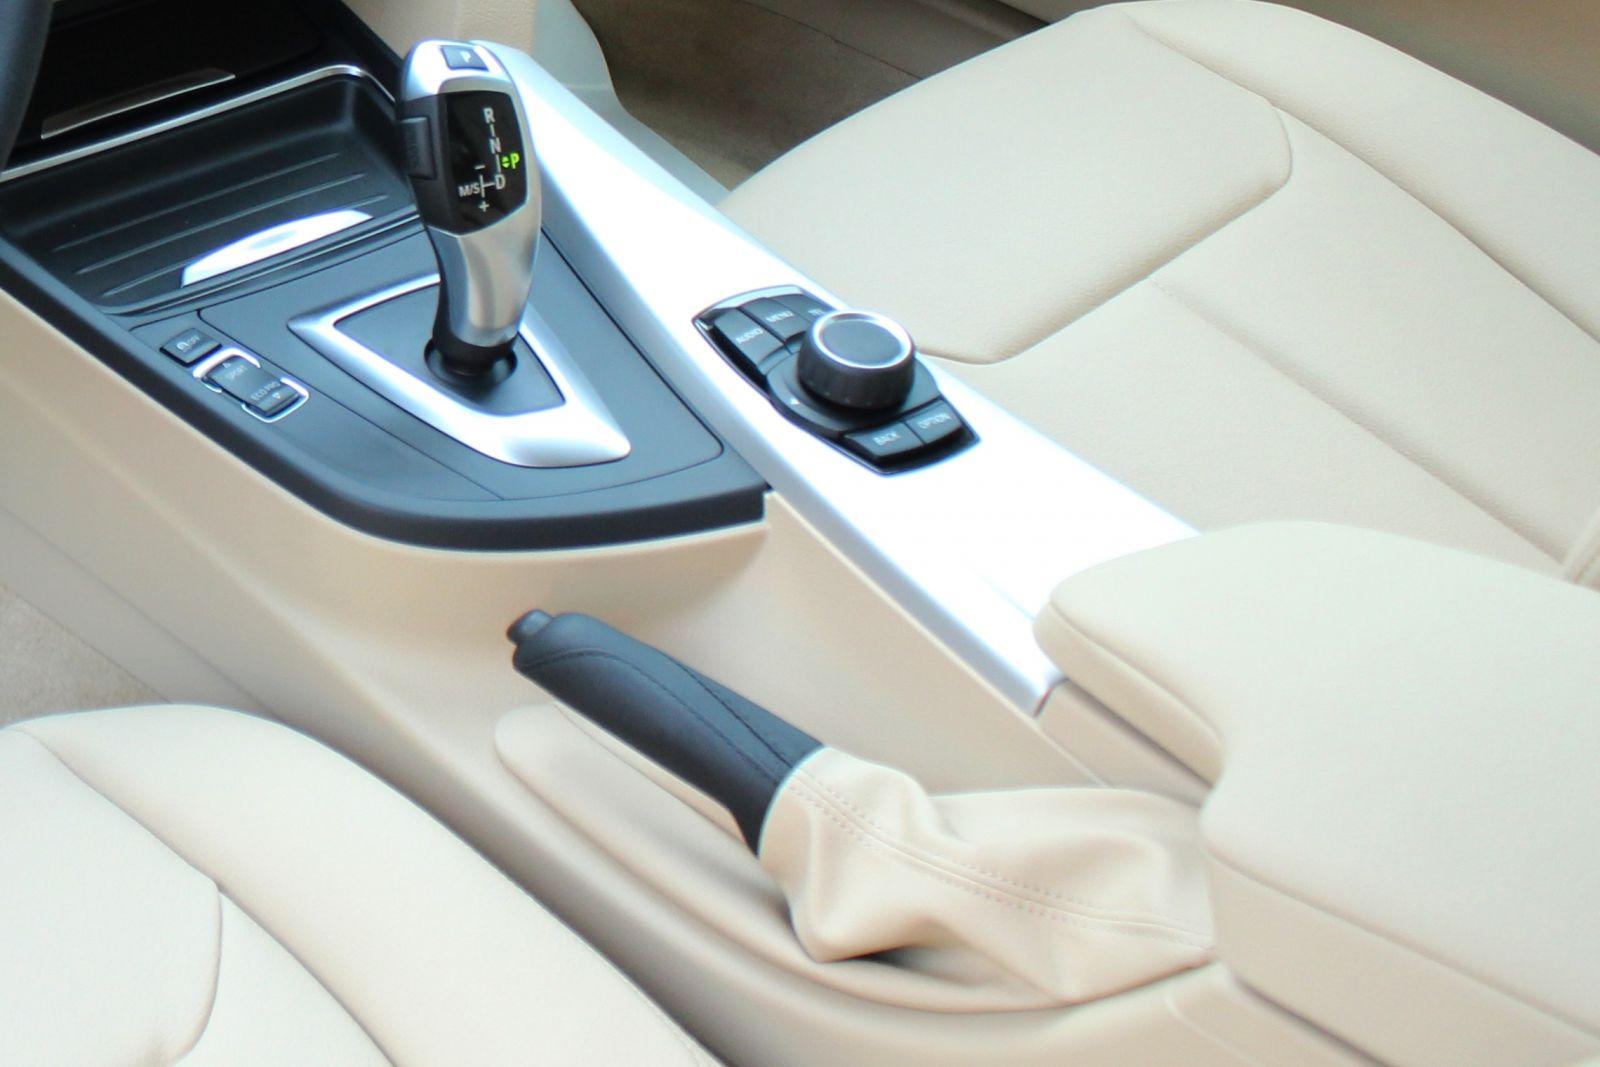 Lái xe an toàn - Làm gì khi xe ô tô bị mất phanh ở tốc độ cao